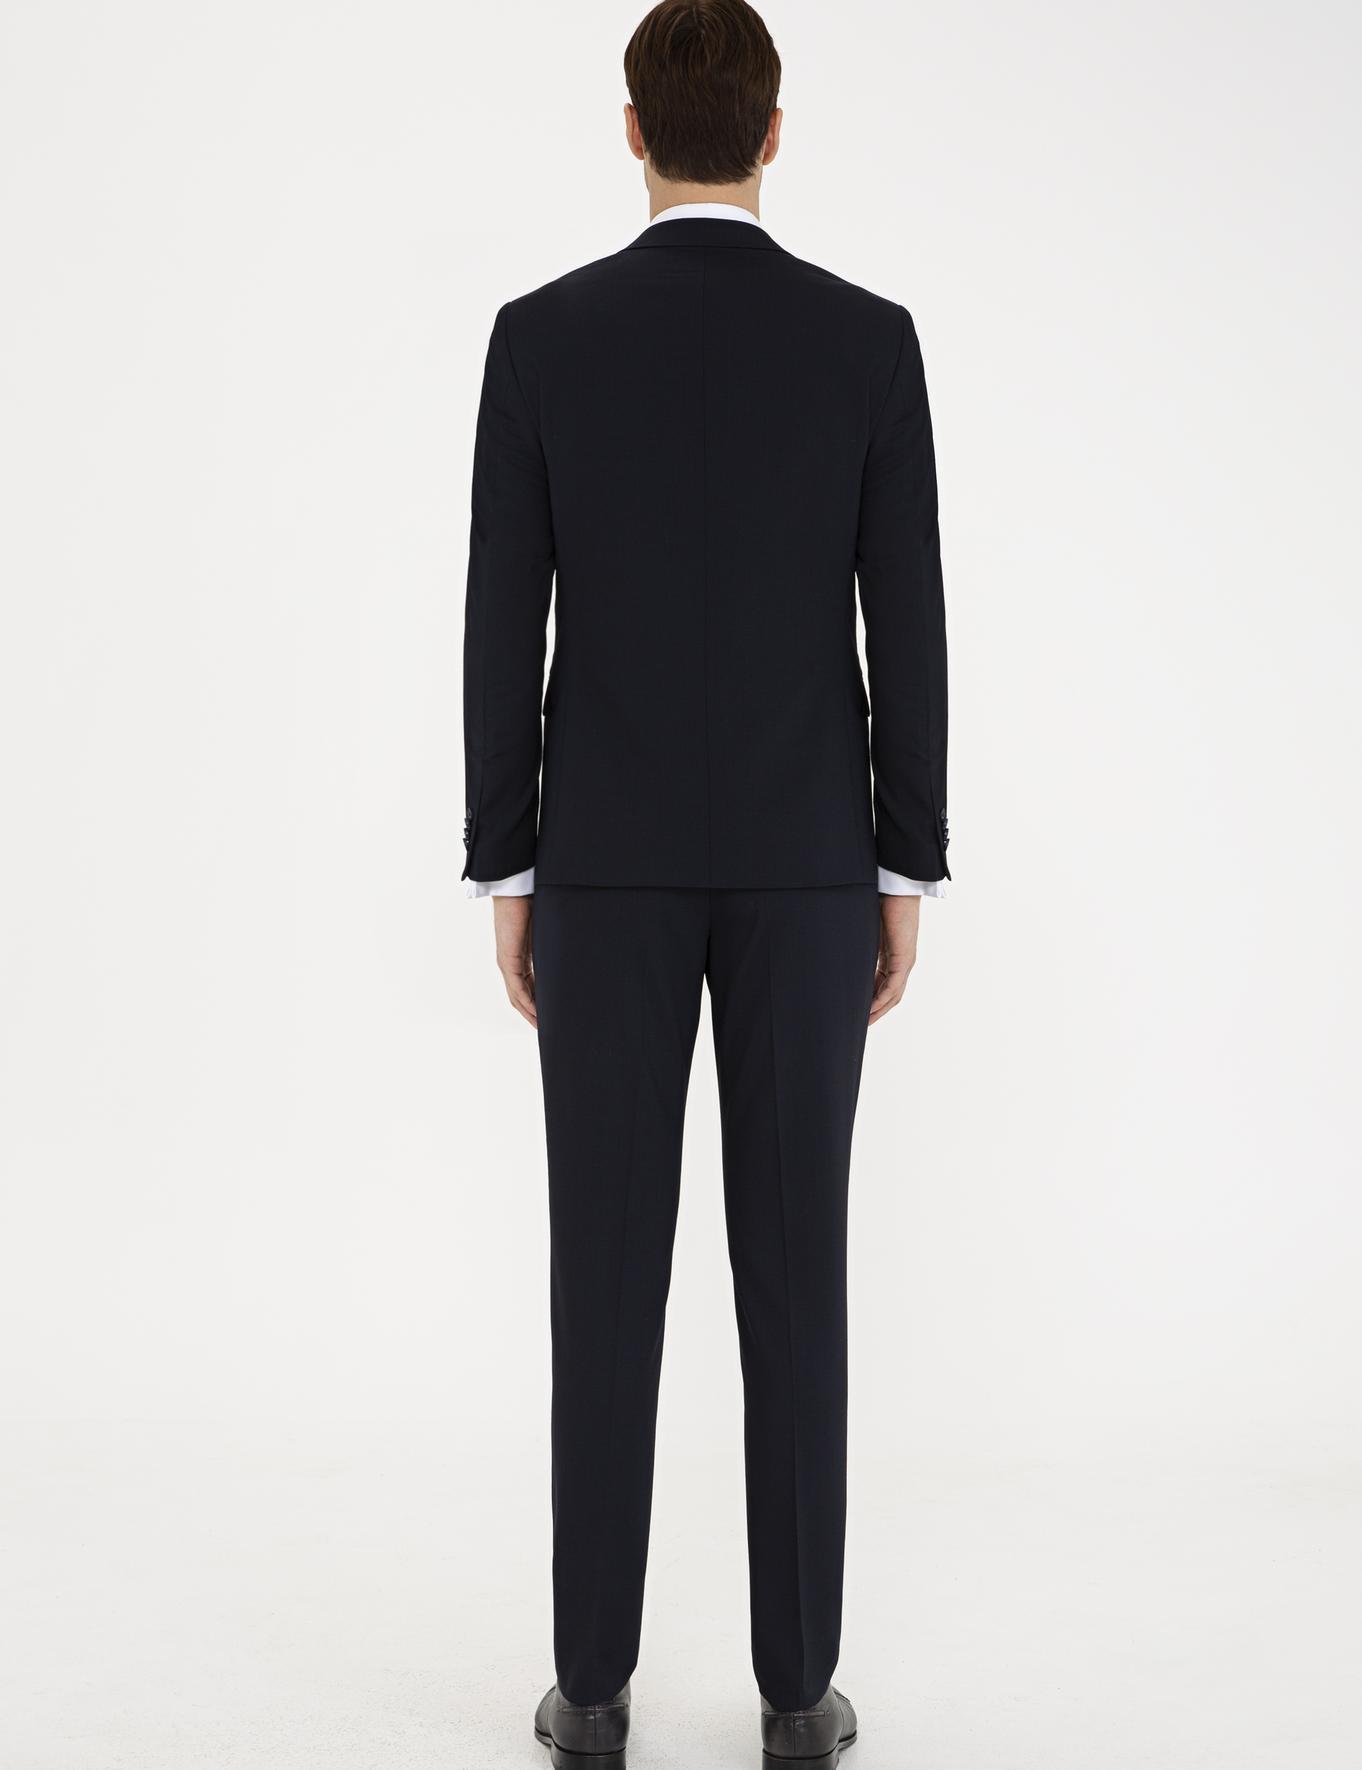 Lacivert Ex. Slim Fit Takım Elbise - 50232901011